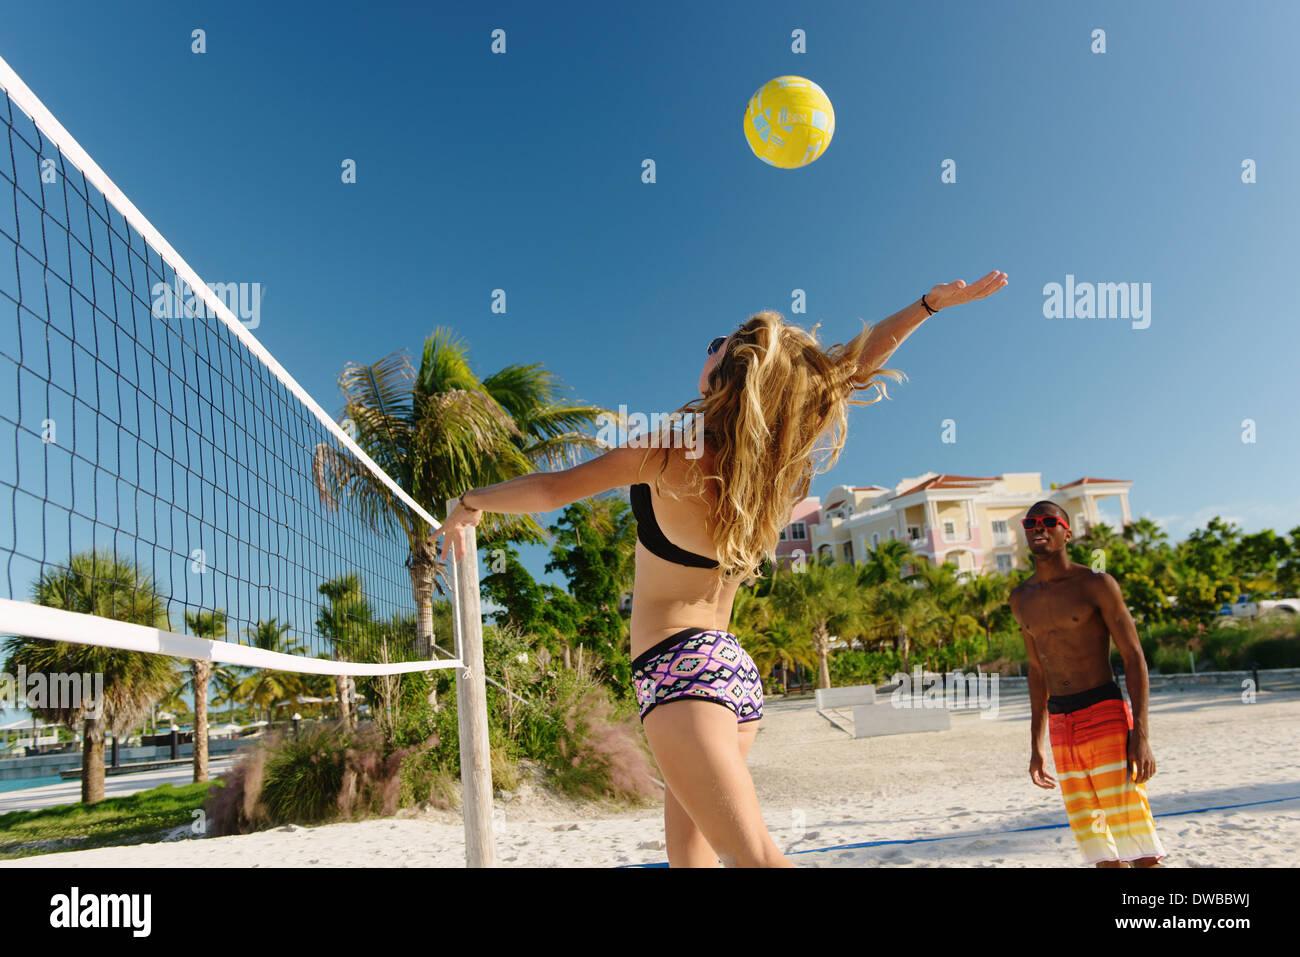 Giovani amici adulti beach volley, Providenciales, Turks and Caicos Islands, dei Caraibi Immagini Stock